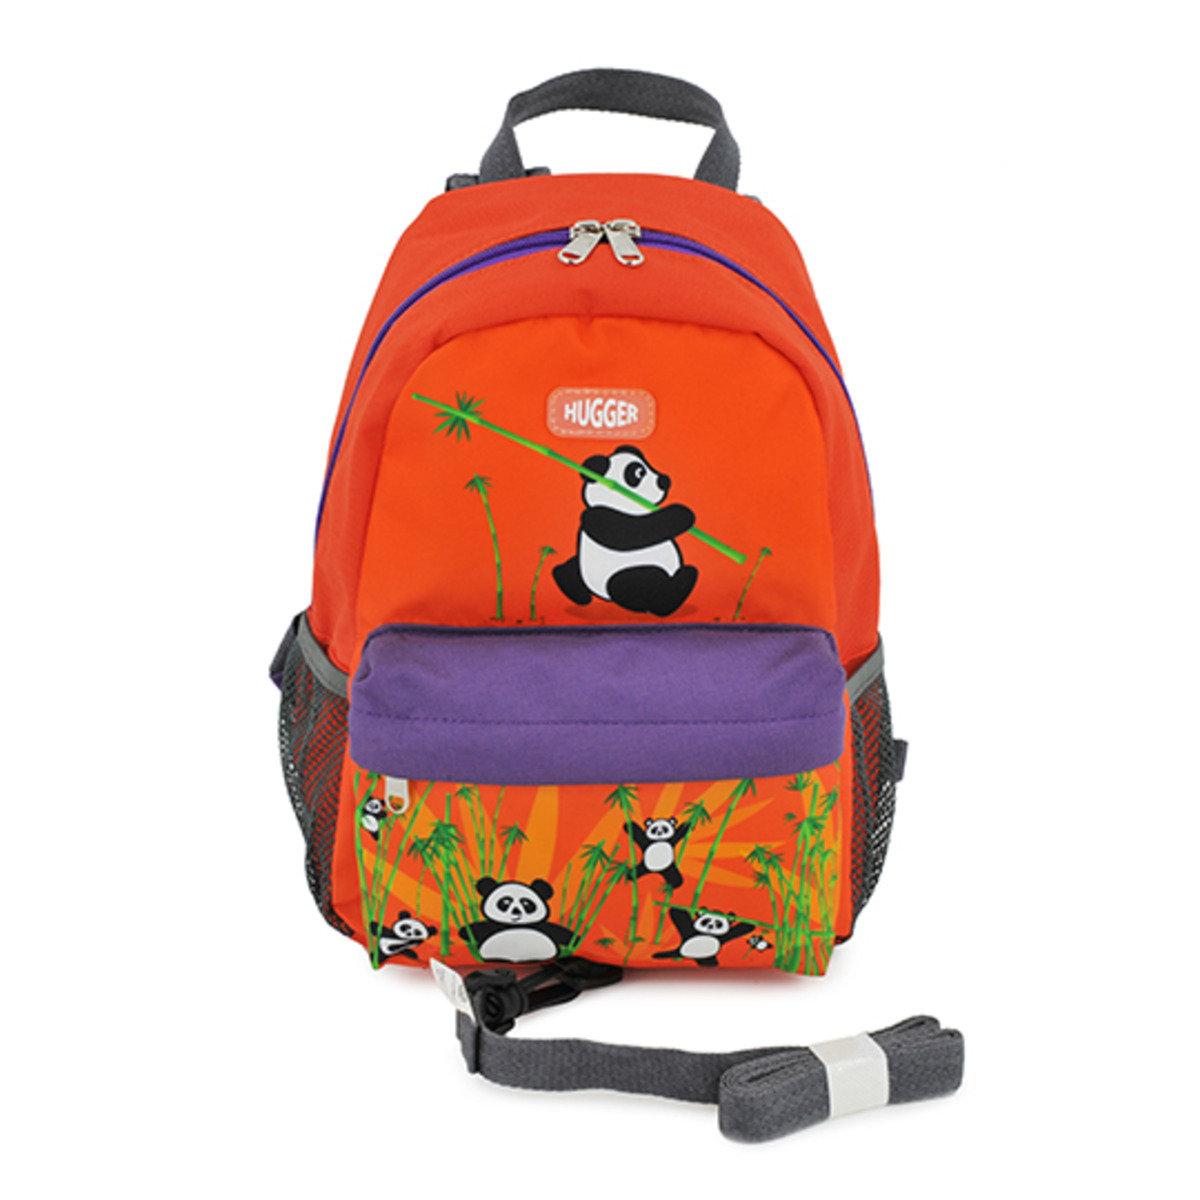 小状元防走失包 - 竹子熊猫